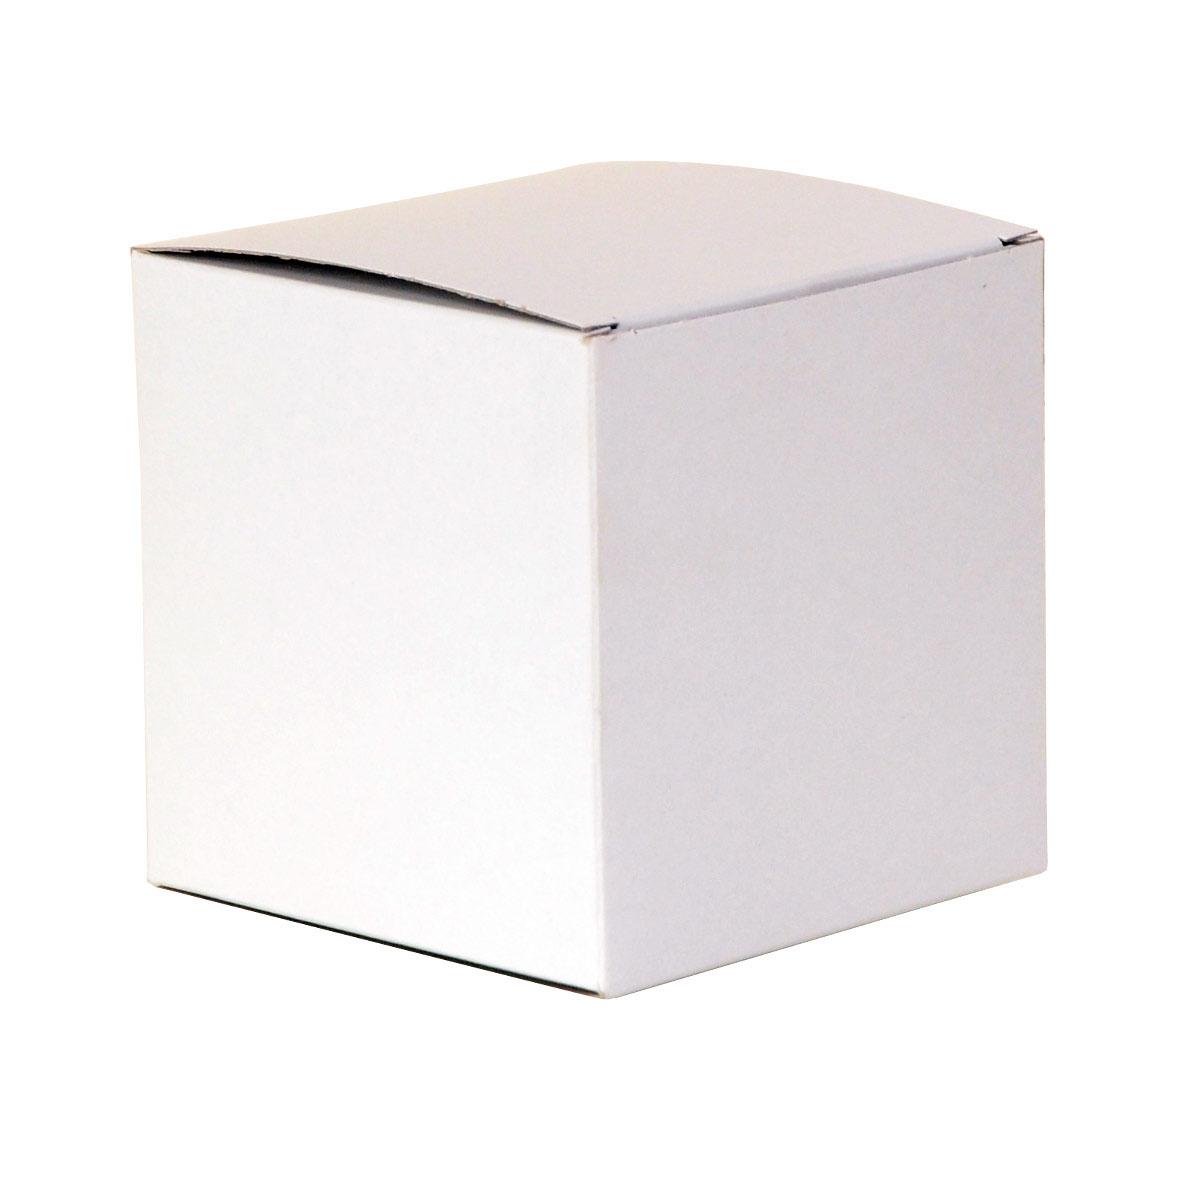 bo te blanche en carton 10x10